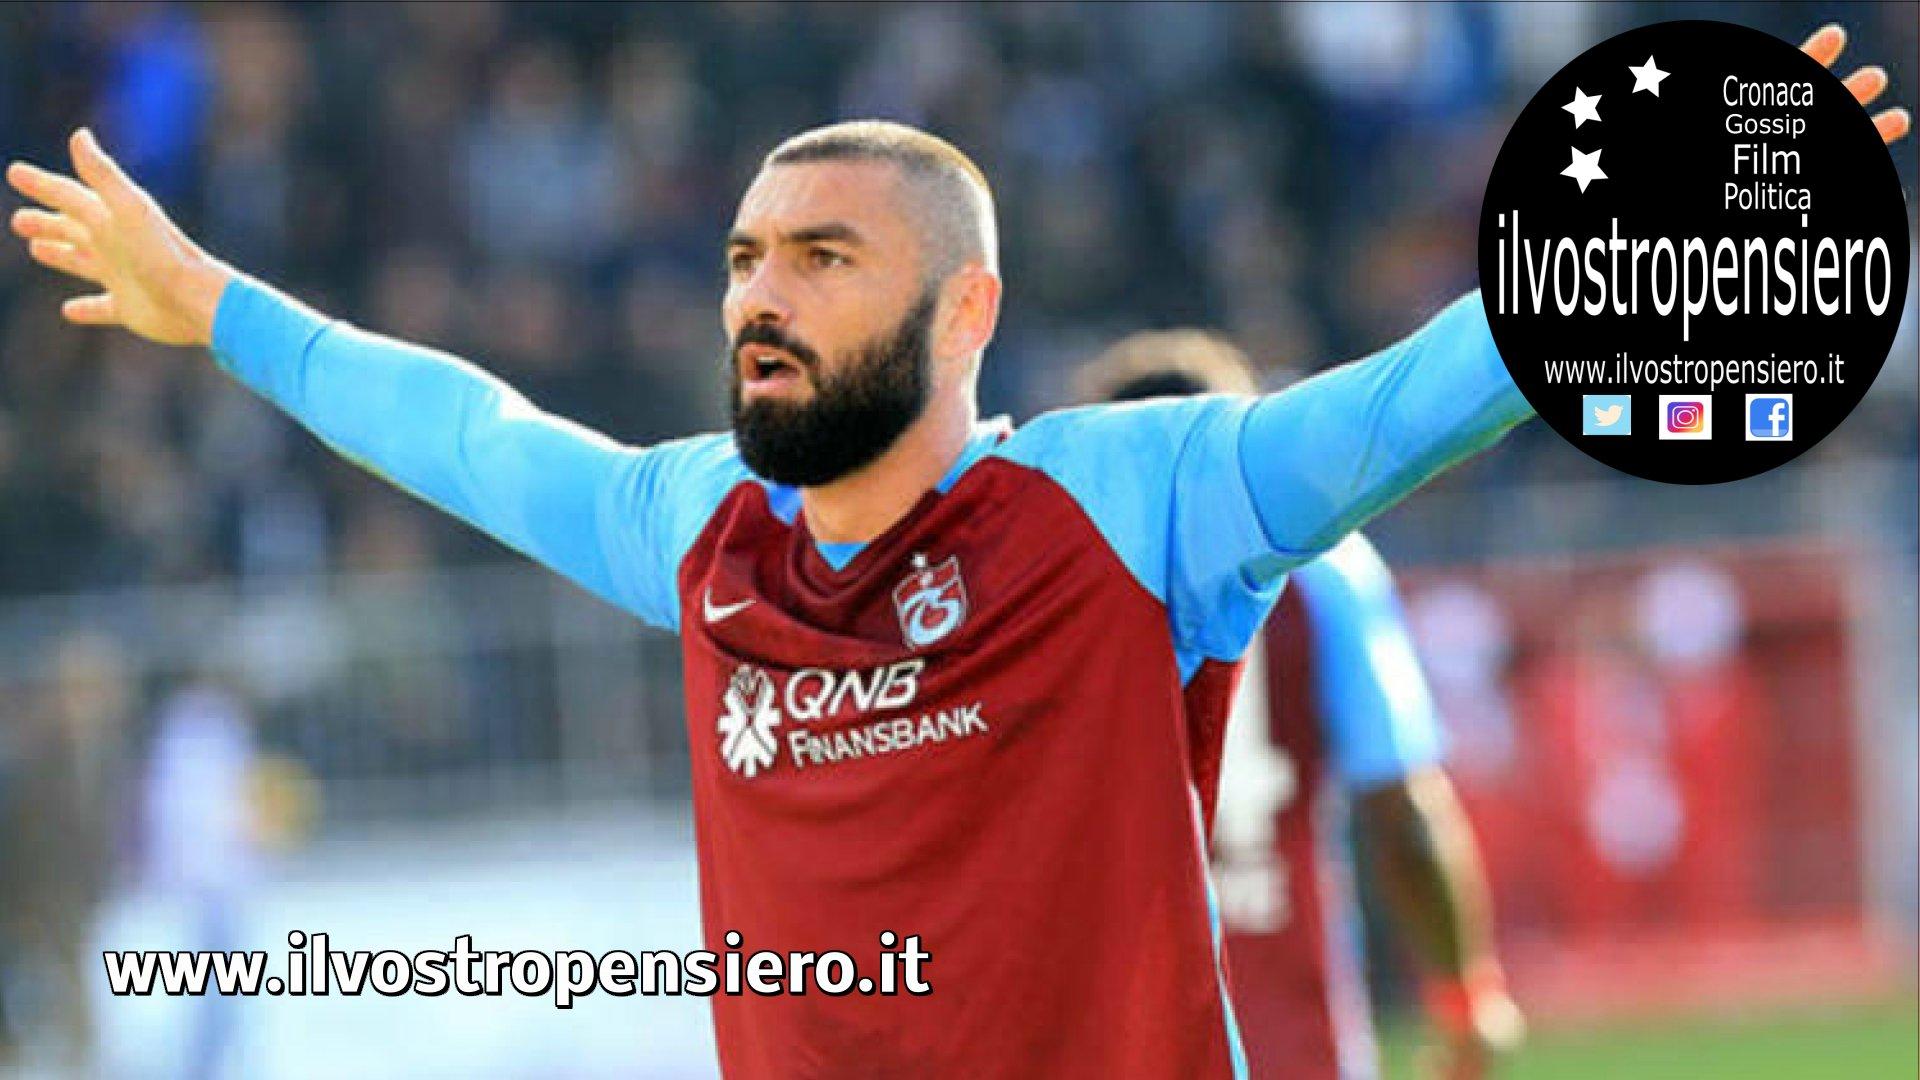 Calciomercato Lecce: Ancora lunga l'attesa per Burak Yilmaz, nell'attesa, i giallorossi hanno chiesto…..